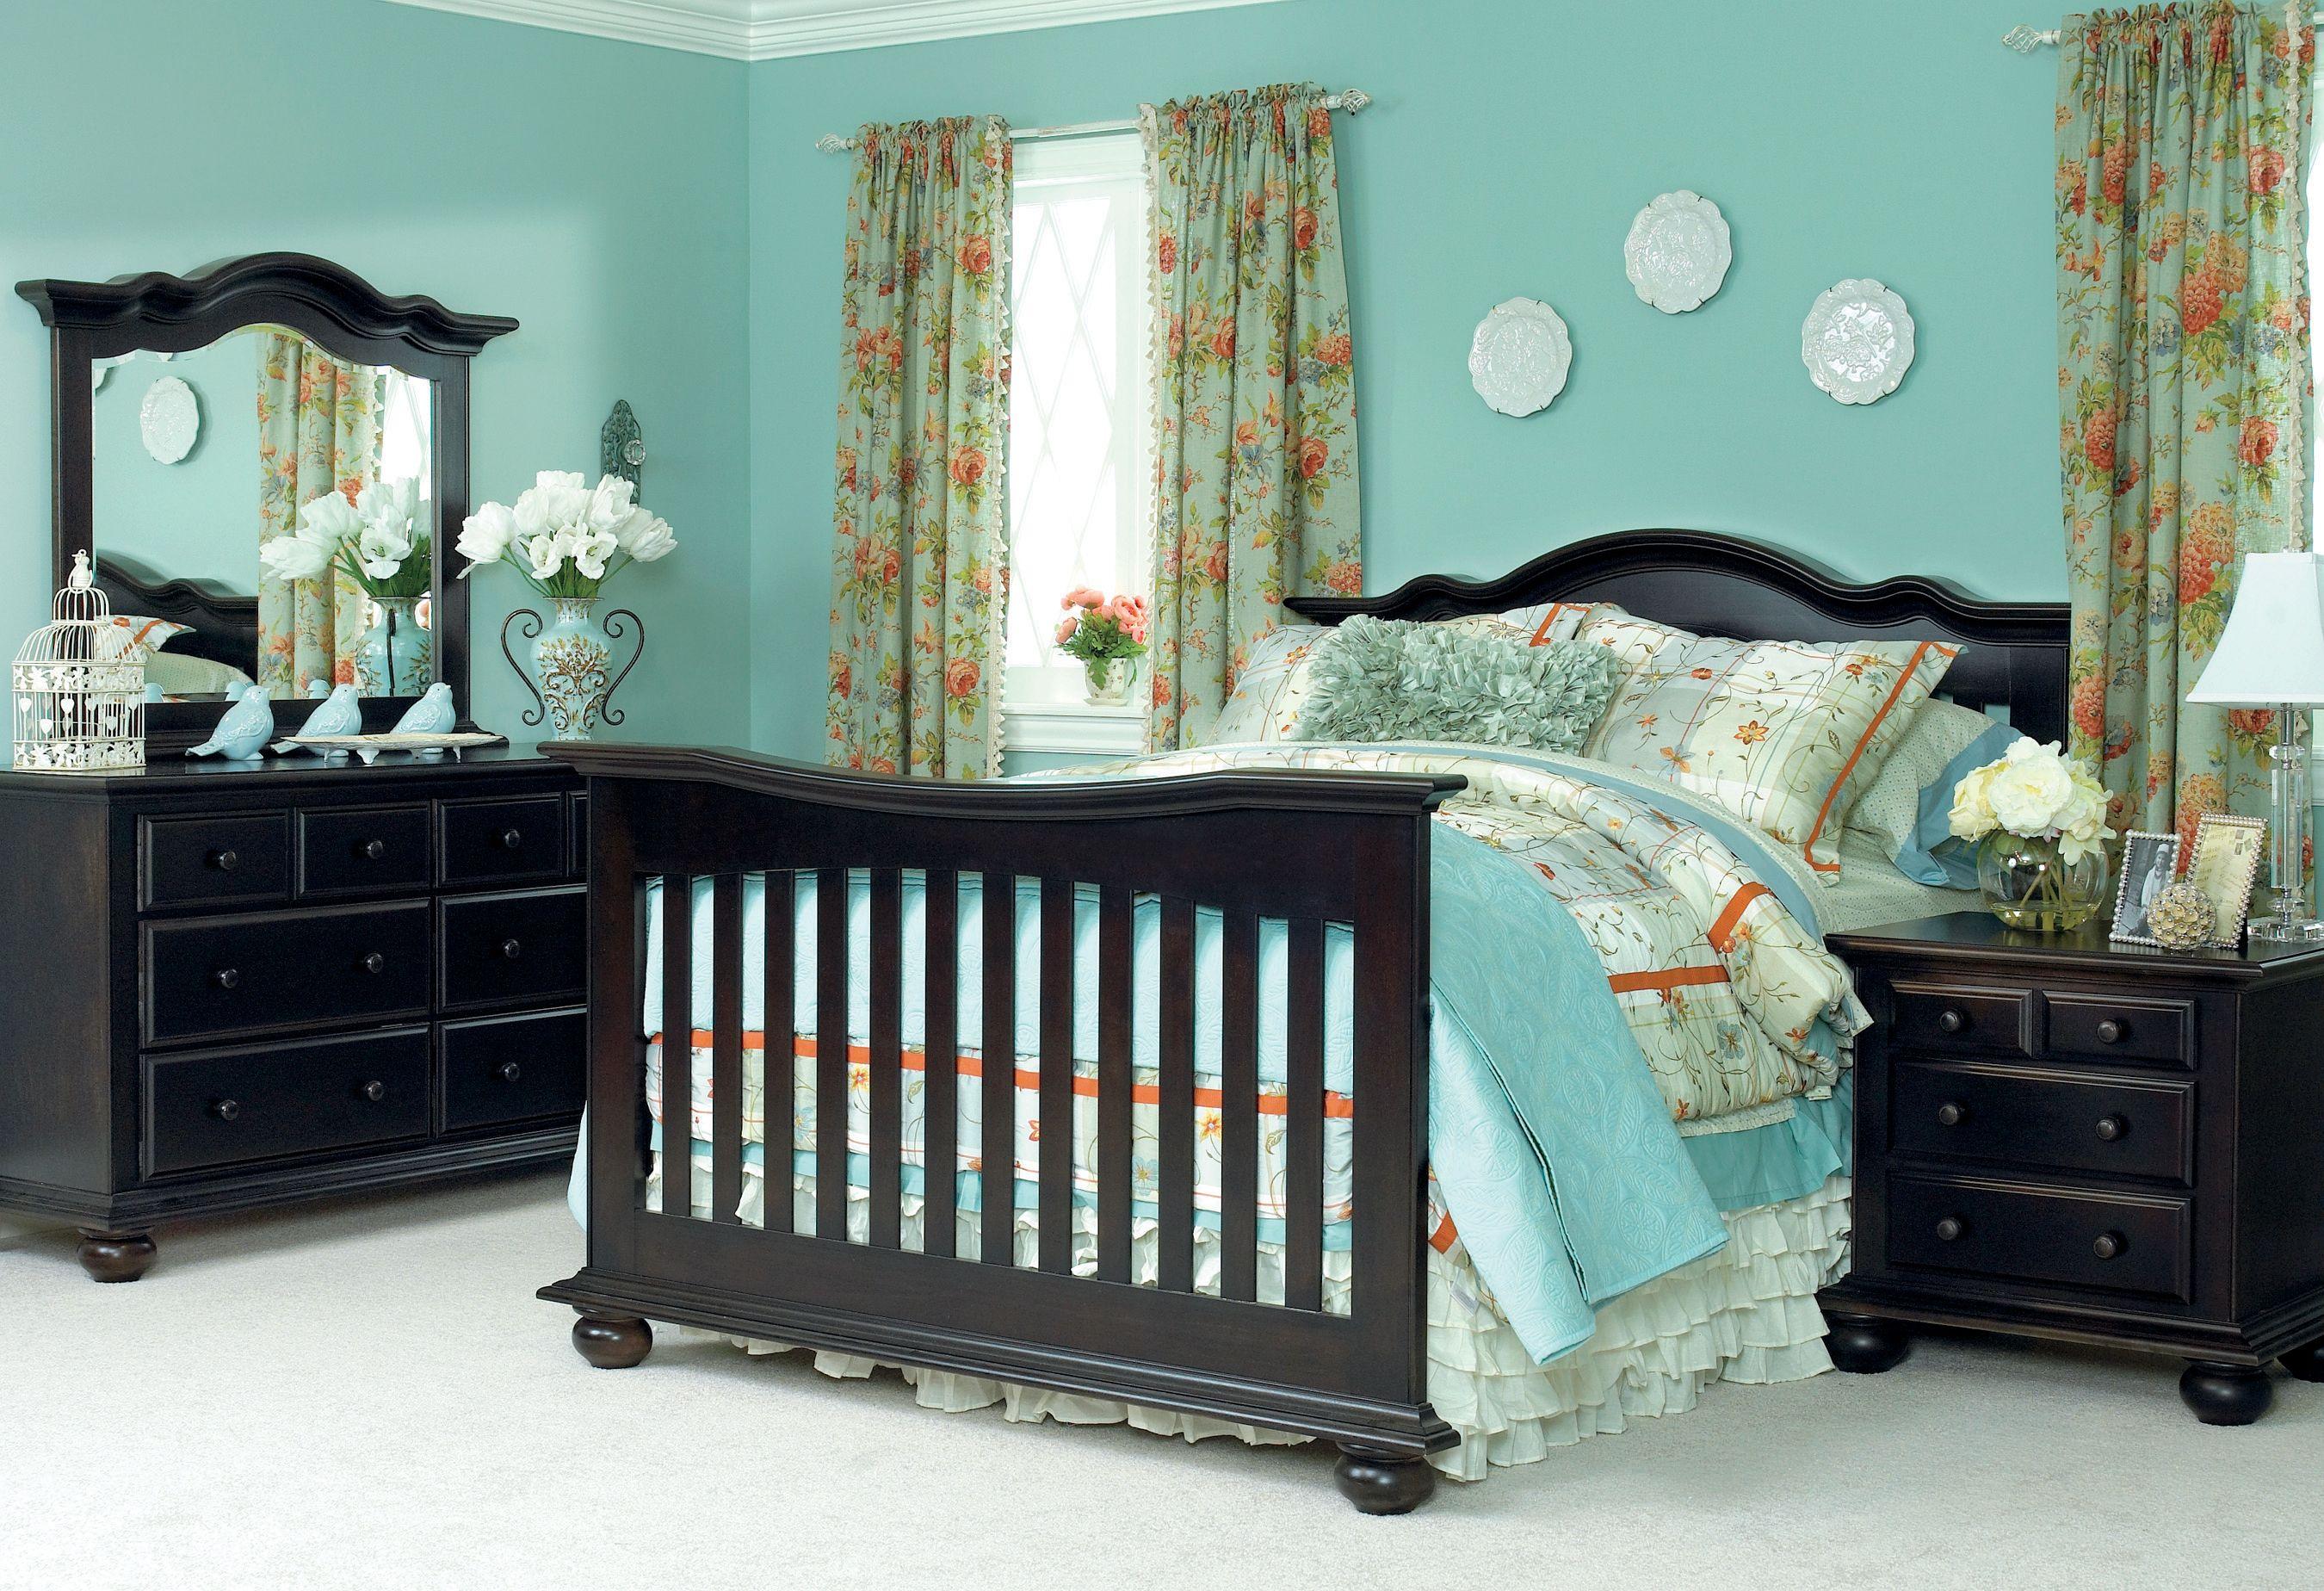 Baby cribs hamilton ontario - Cribs